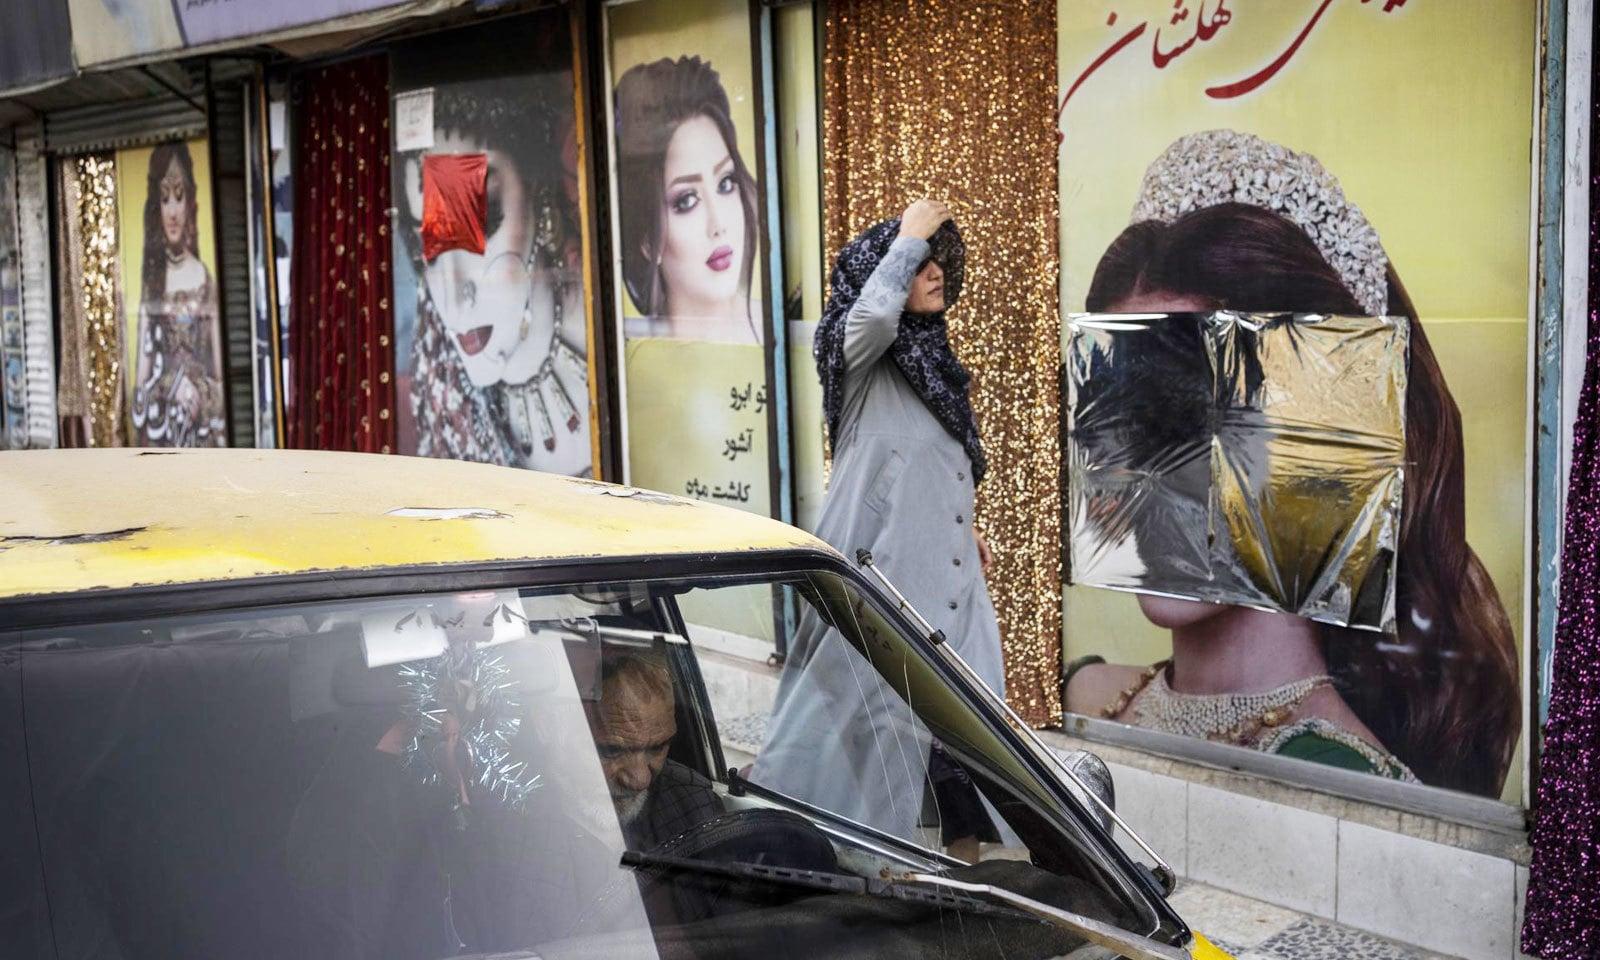 خاتون 12 ستمبر کو کابل کے ایک بیوٹی پارلر کے سامنے سے گزرہی ہیں — فوٹو: اے پی